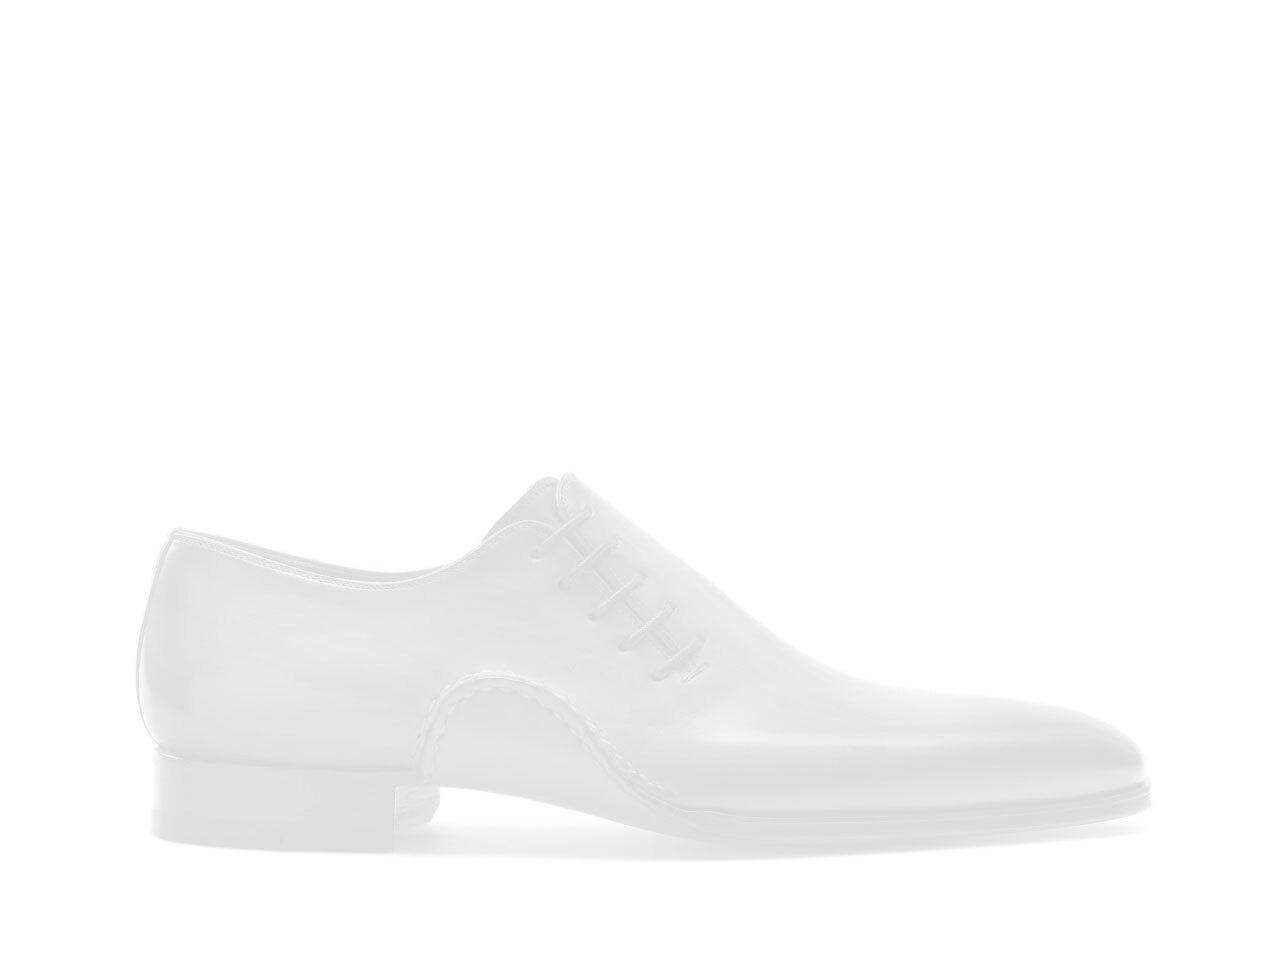 Cognac brown lace up derby shoes for men - Magnanni